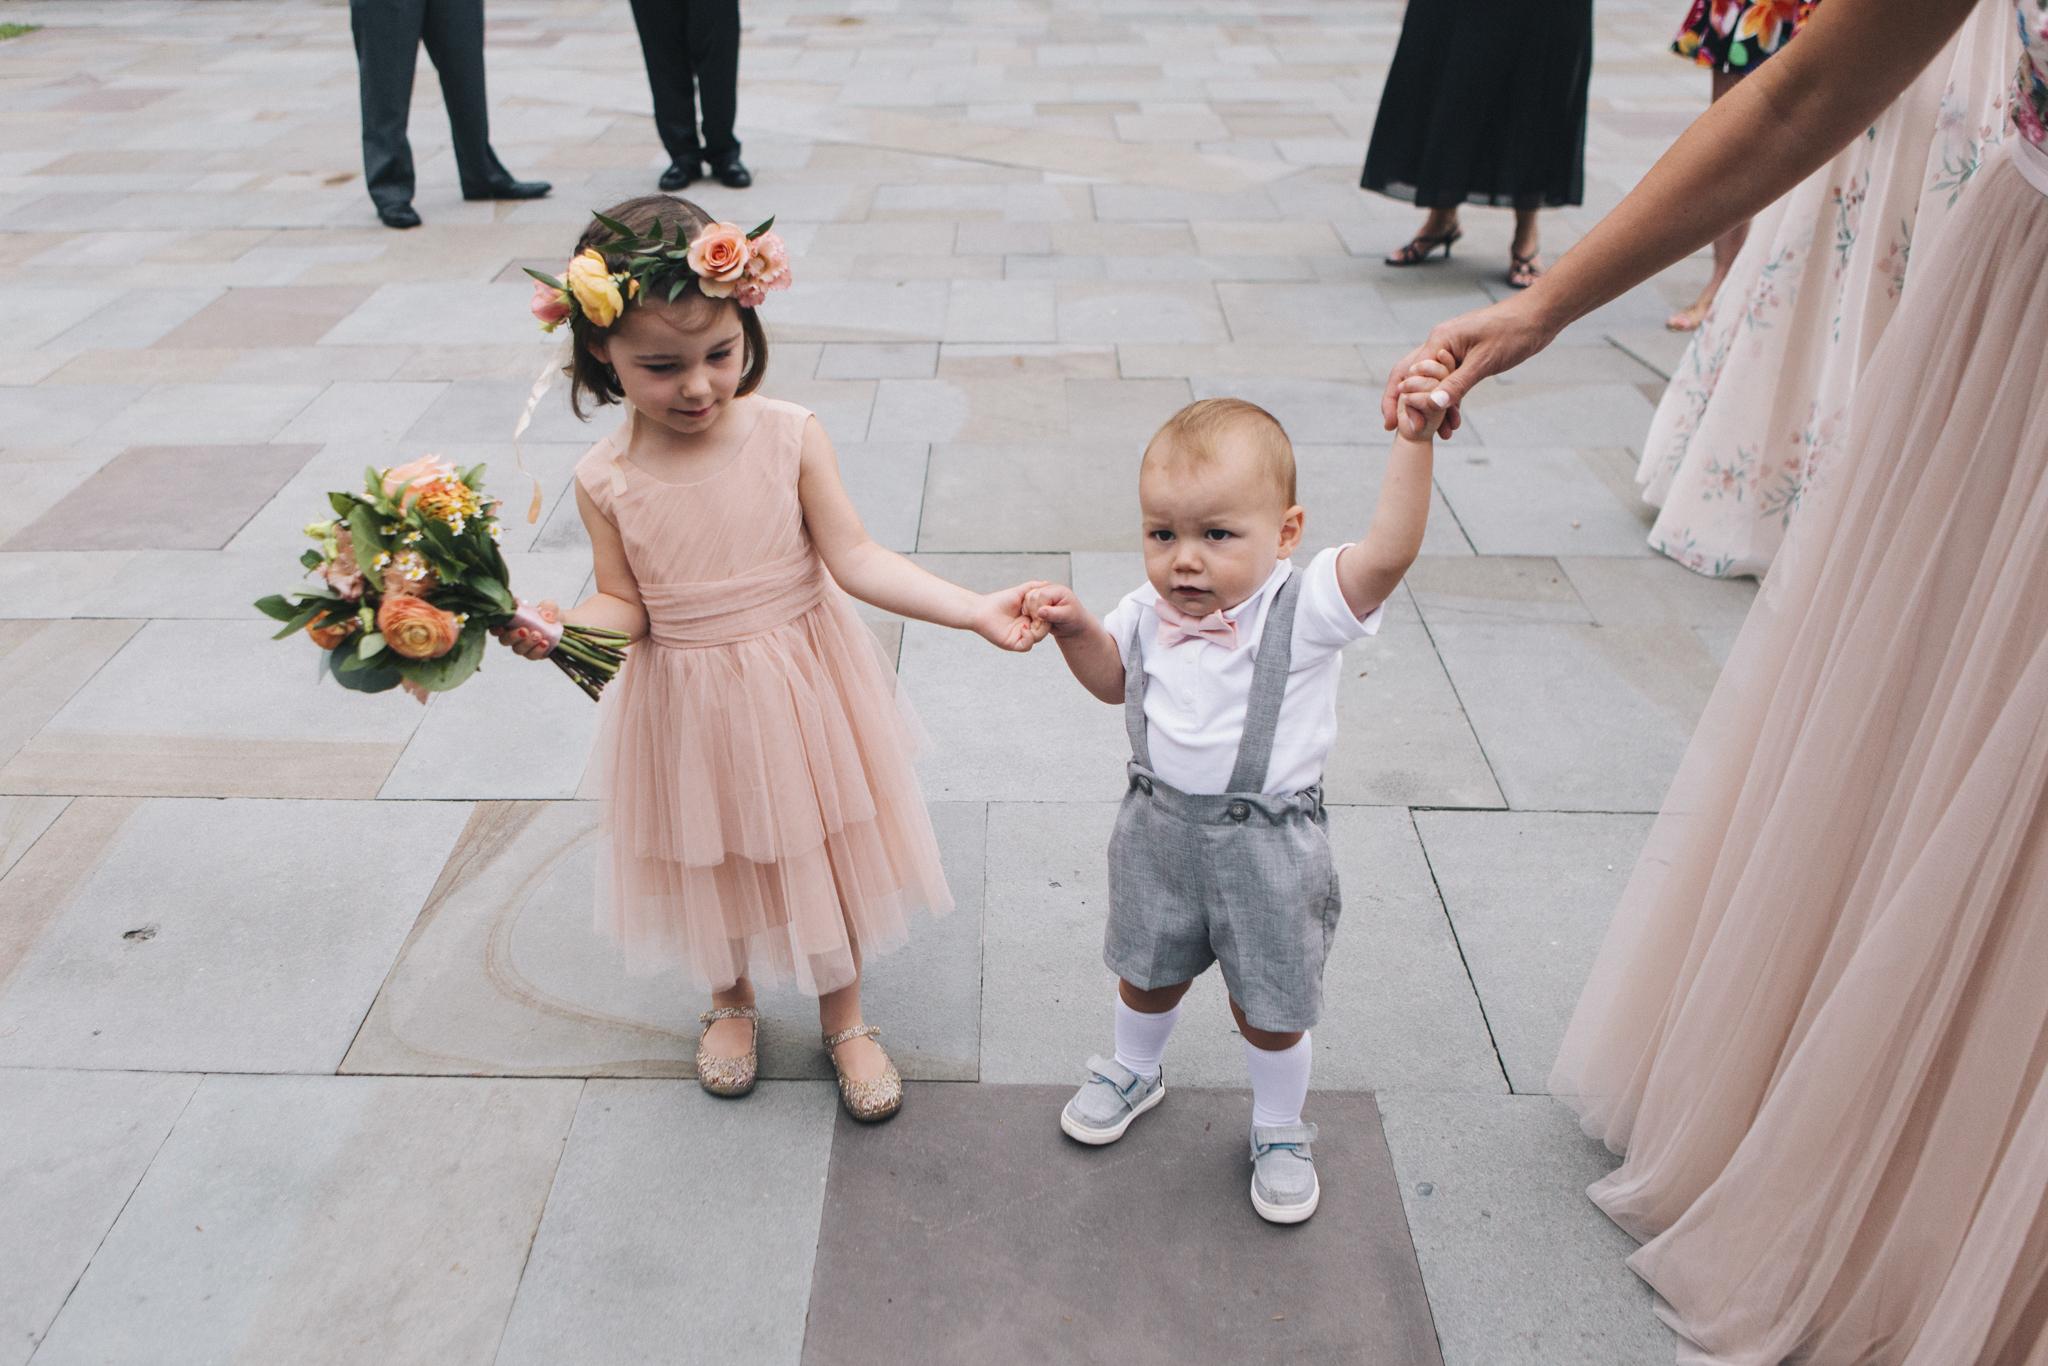 harlan_megmike_wedding_50.jpg